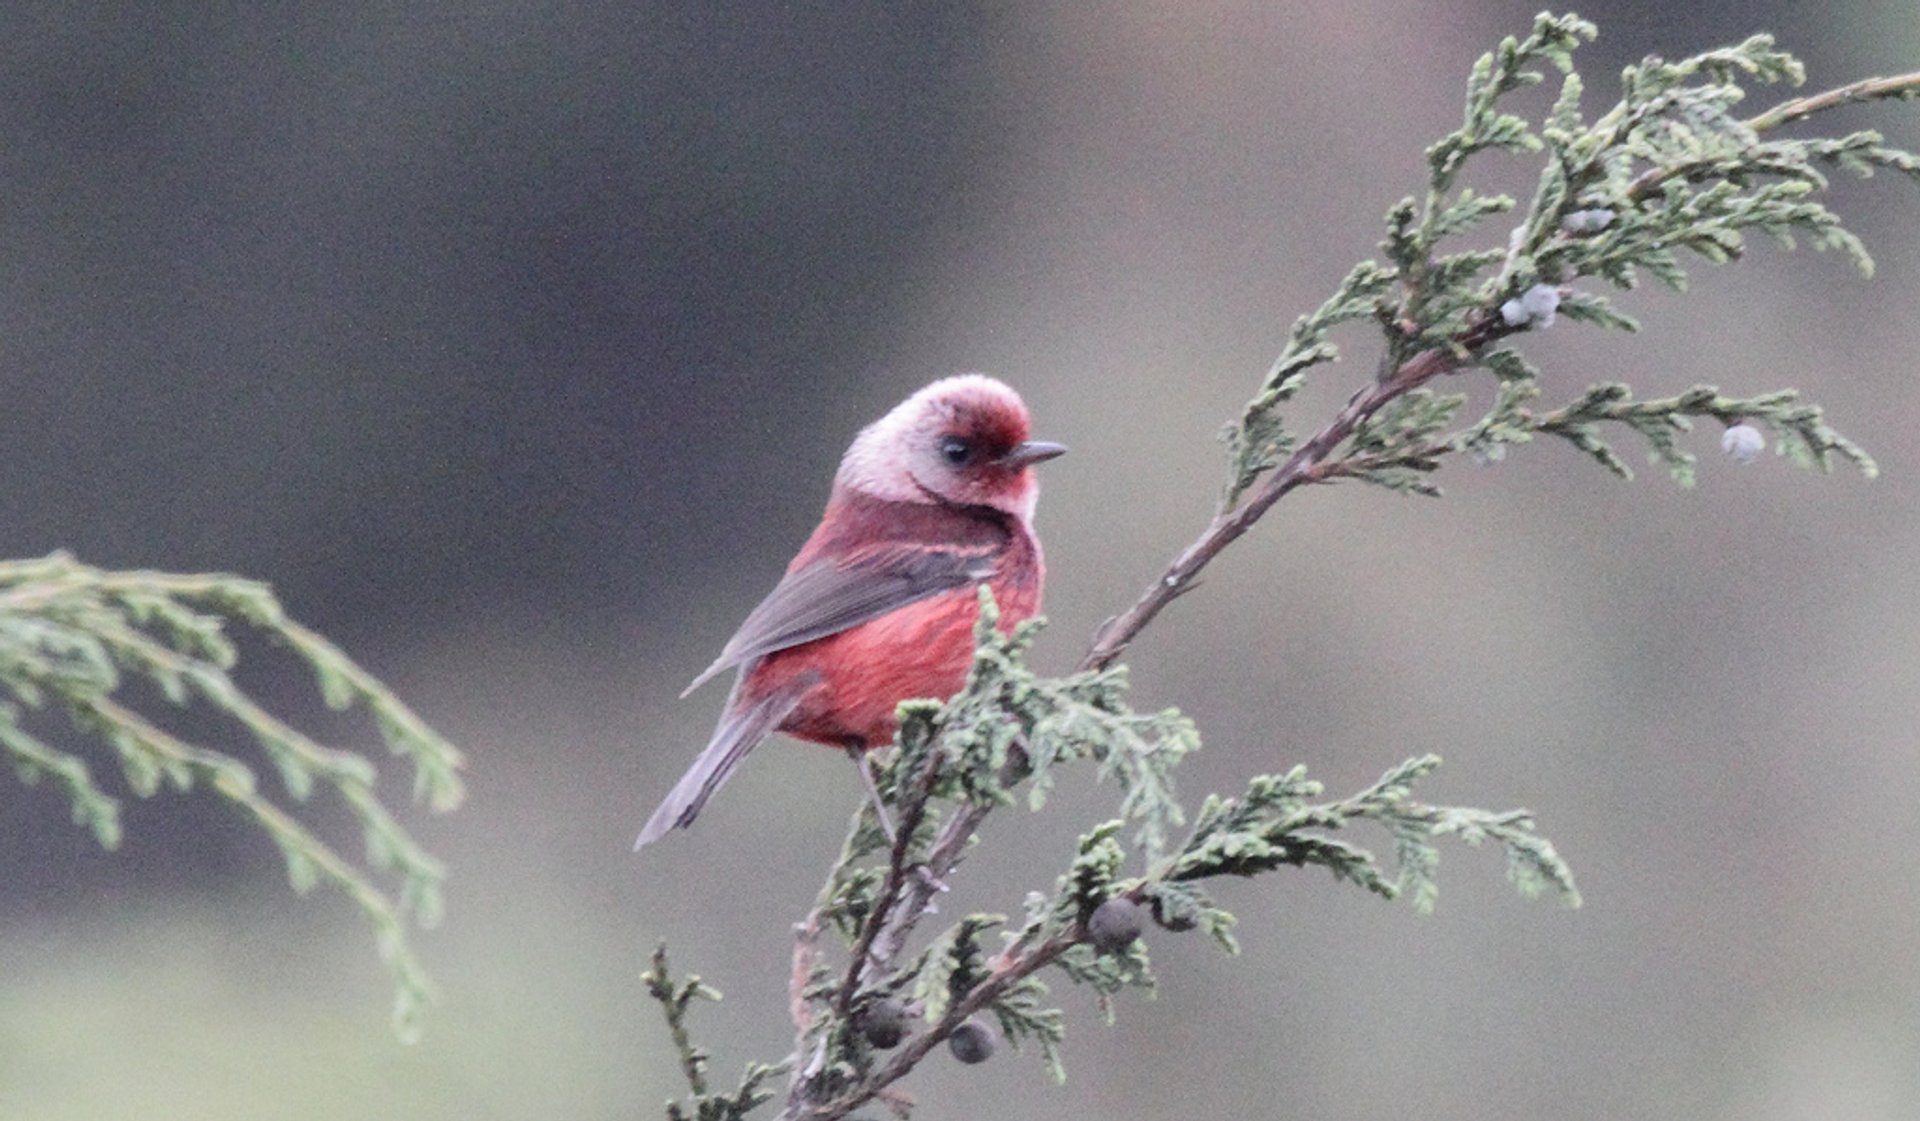 Pink-headed Warbler (Ergaticus versicolor) 2020